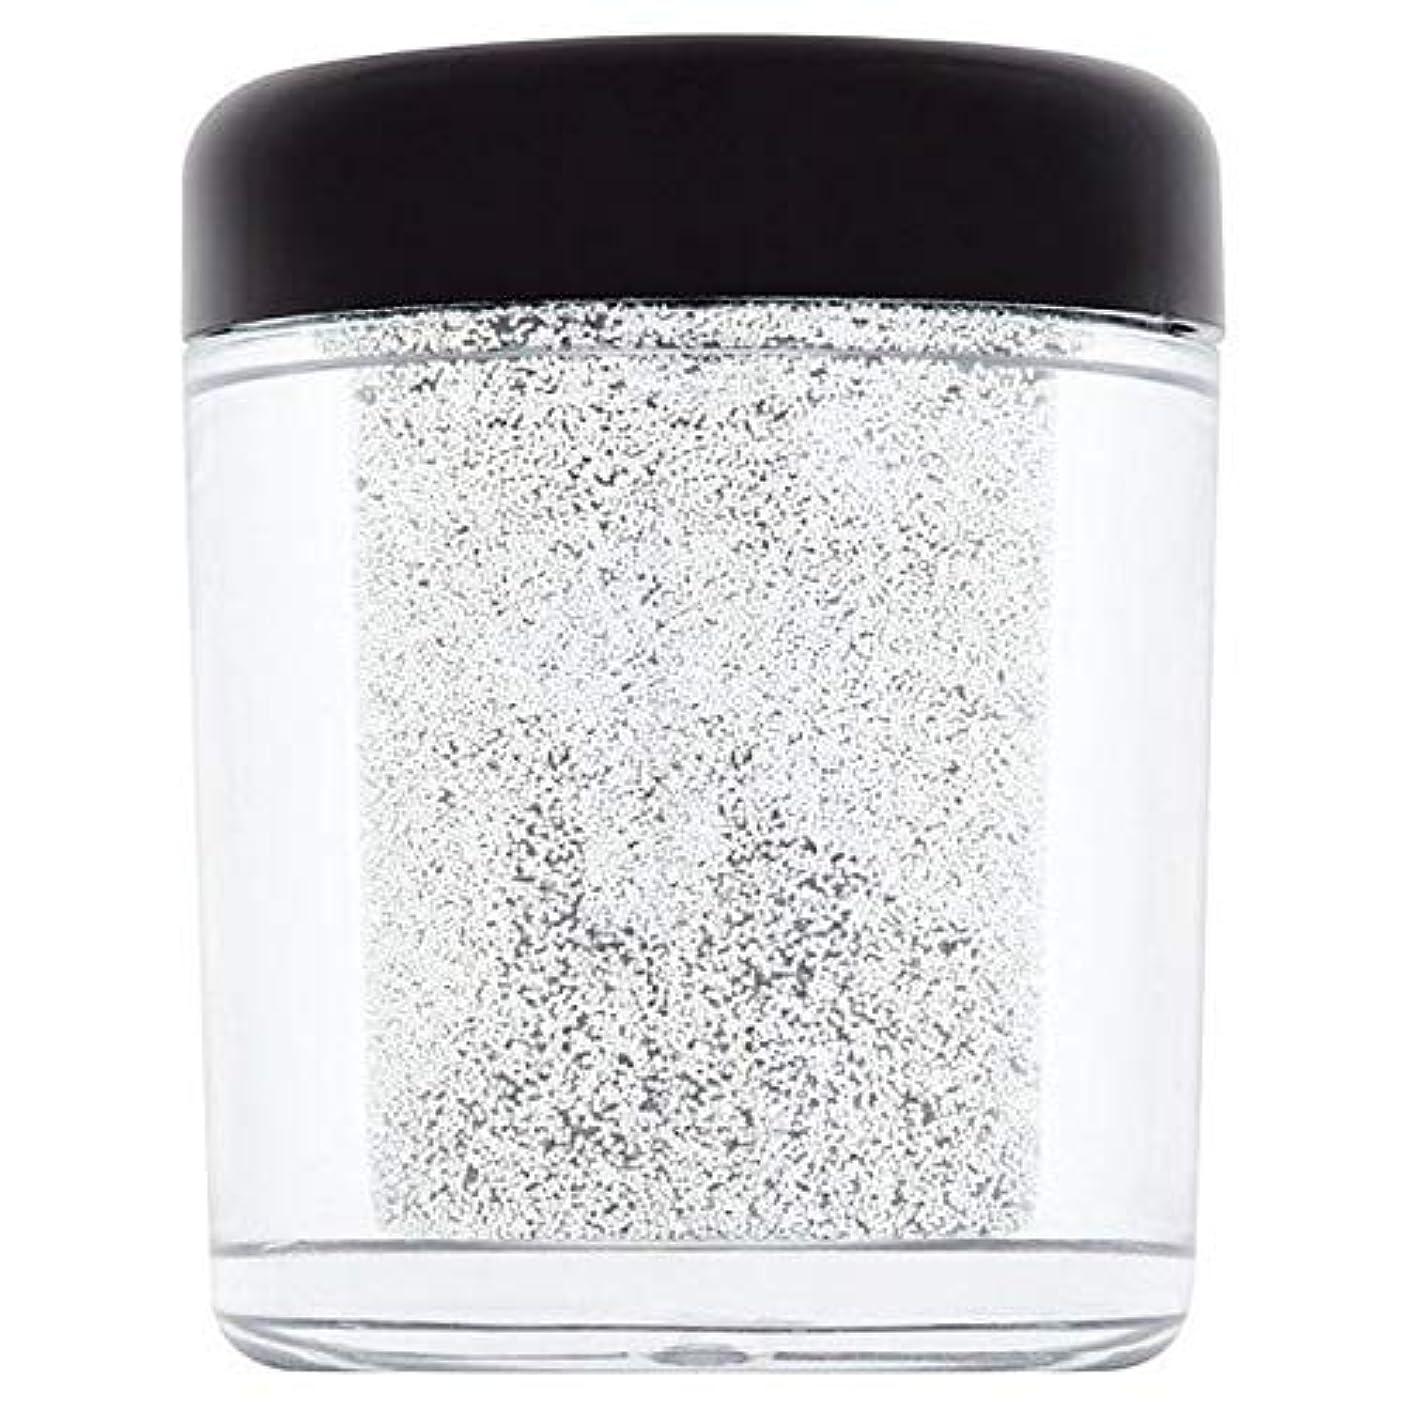 ええソート落とし穴[Collection ] 天使2を回収グラムの結晶は、フェイス&ボディの輝きが落ち - Collection Glam Crystals Face & Body Glitter Fallen Angel 2 [並行輸入品]